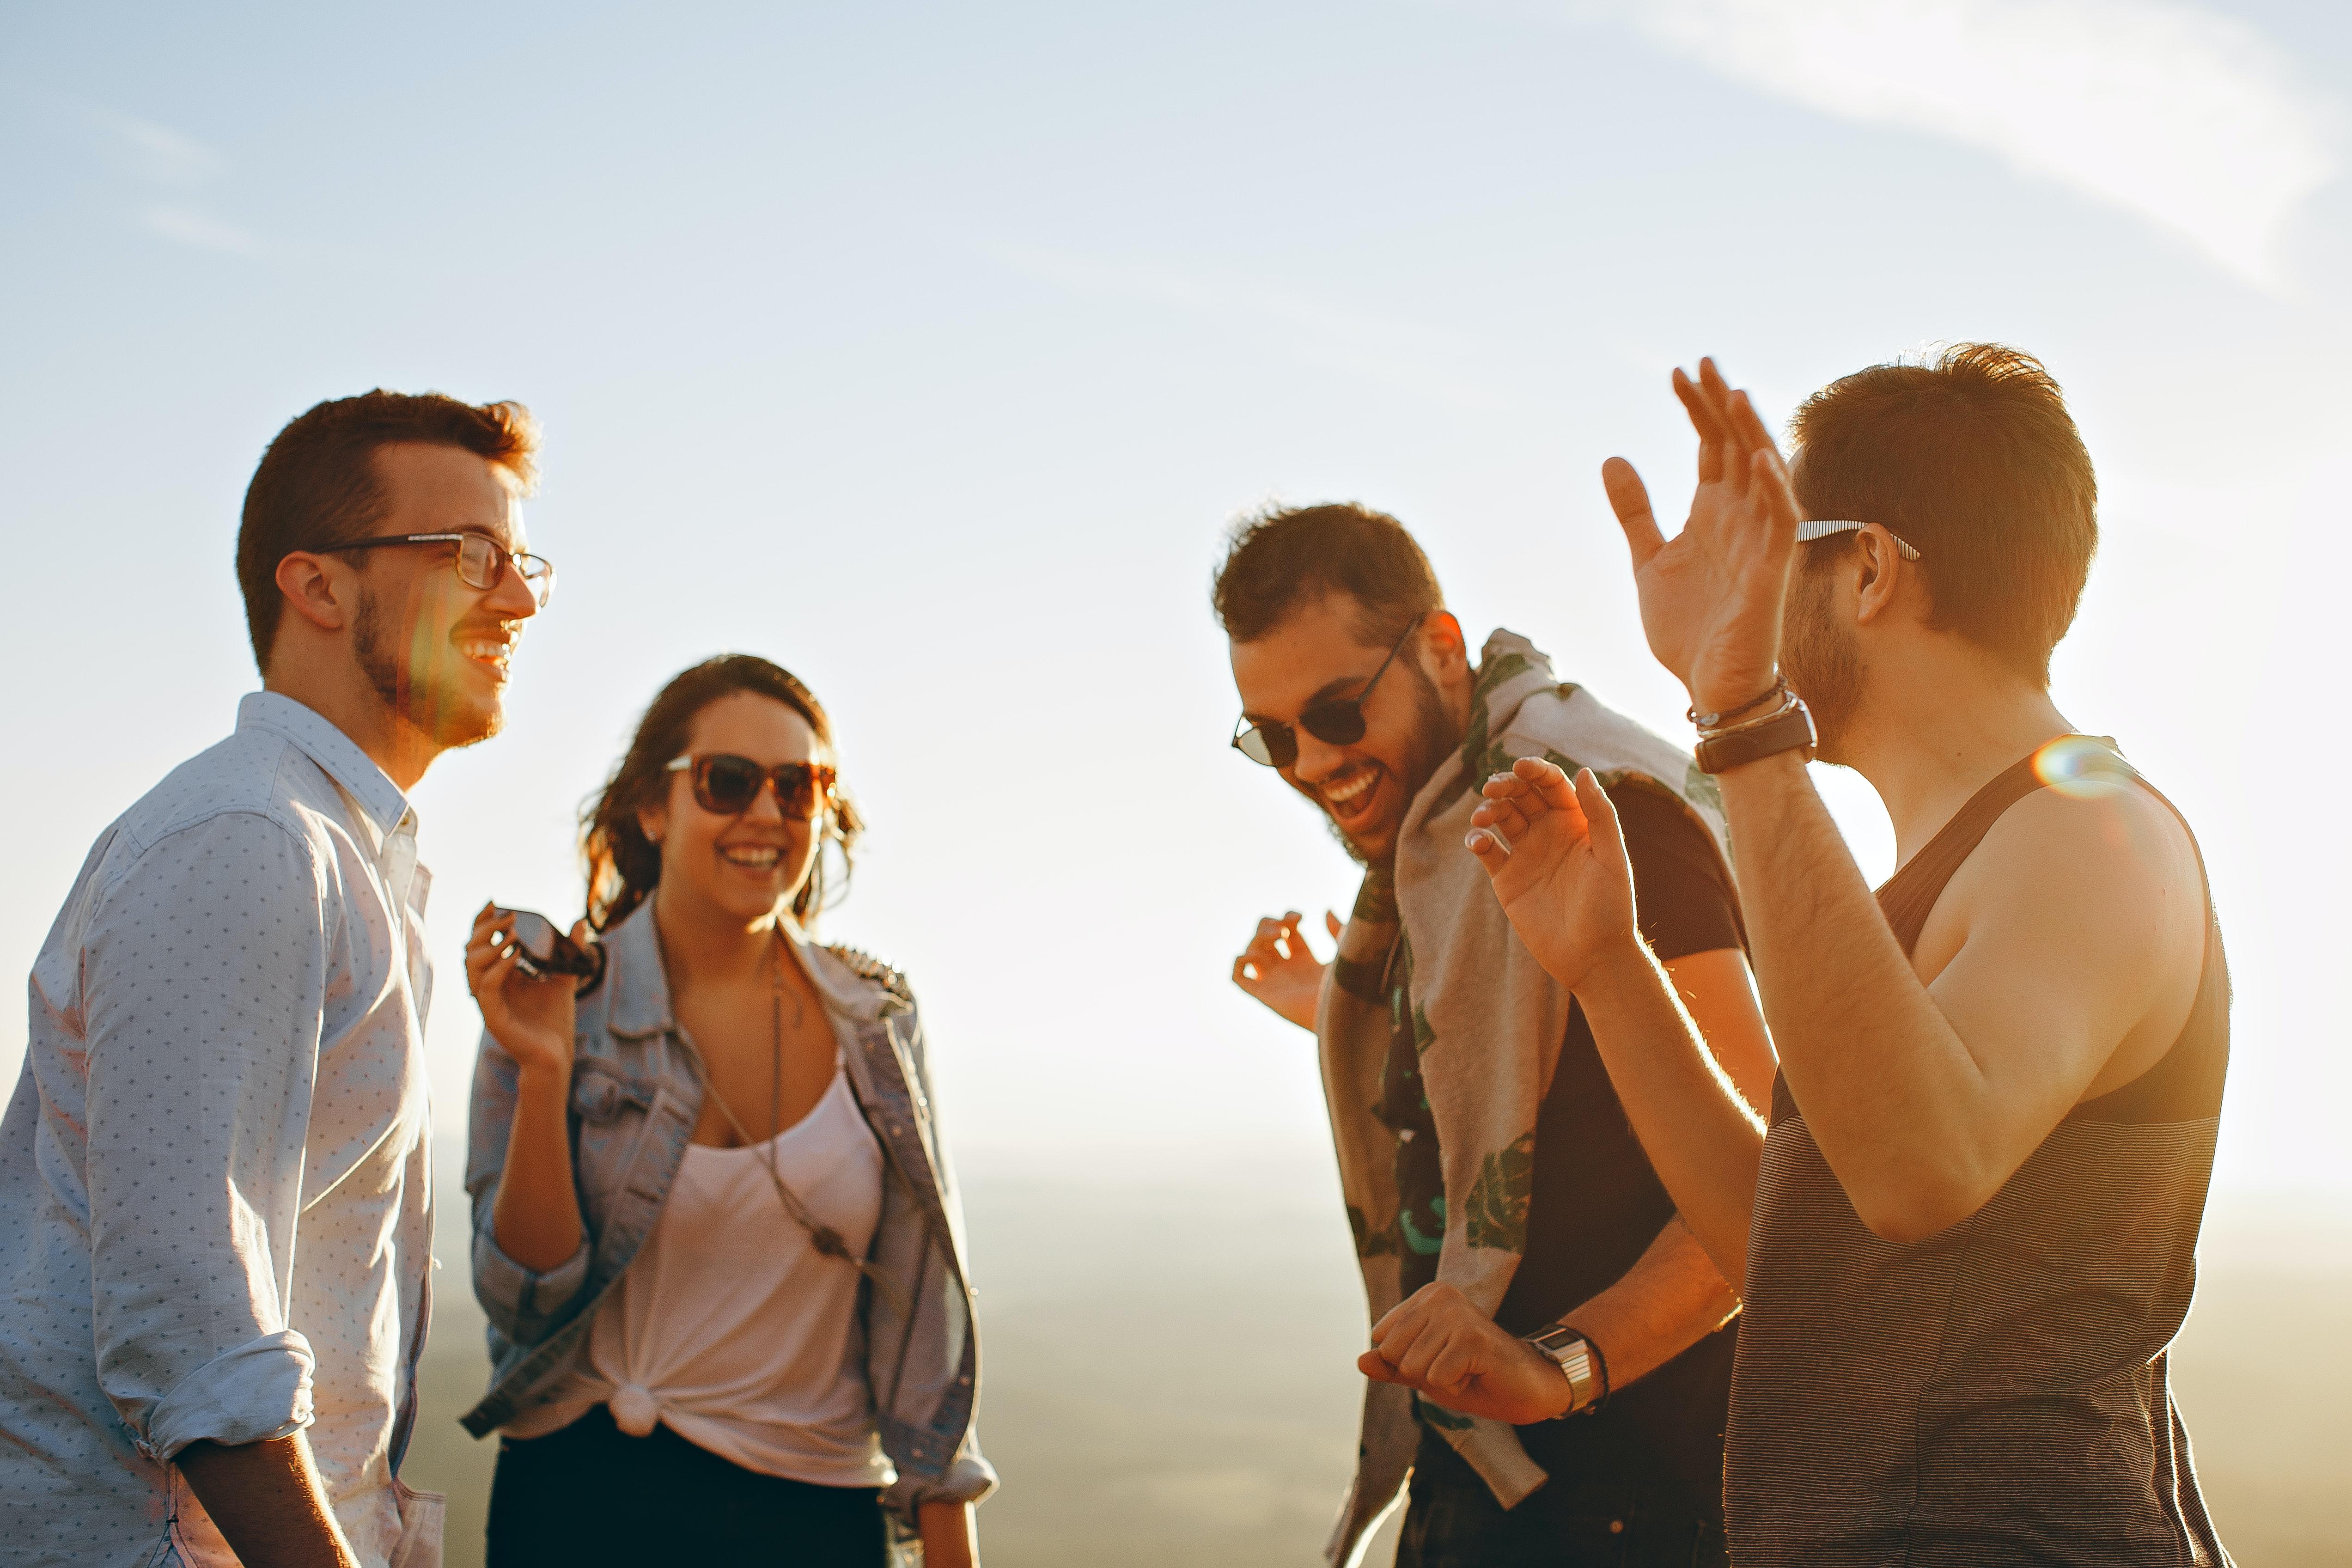 Cuatro personas sonriendo, riendo, pasando un buen rato al aire libre